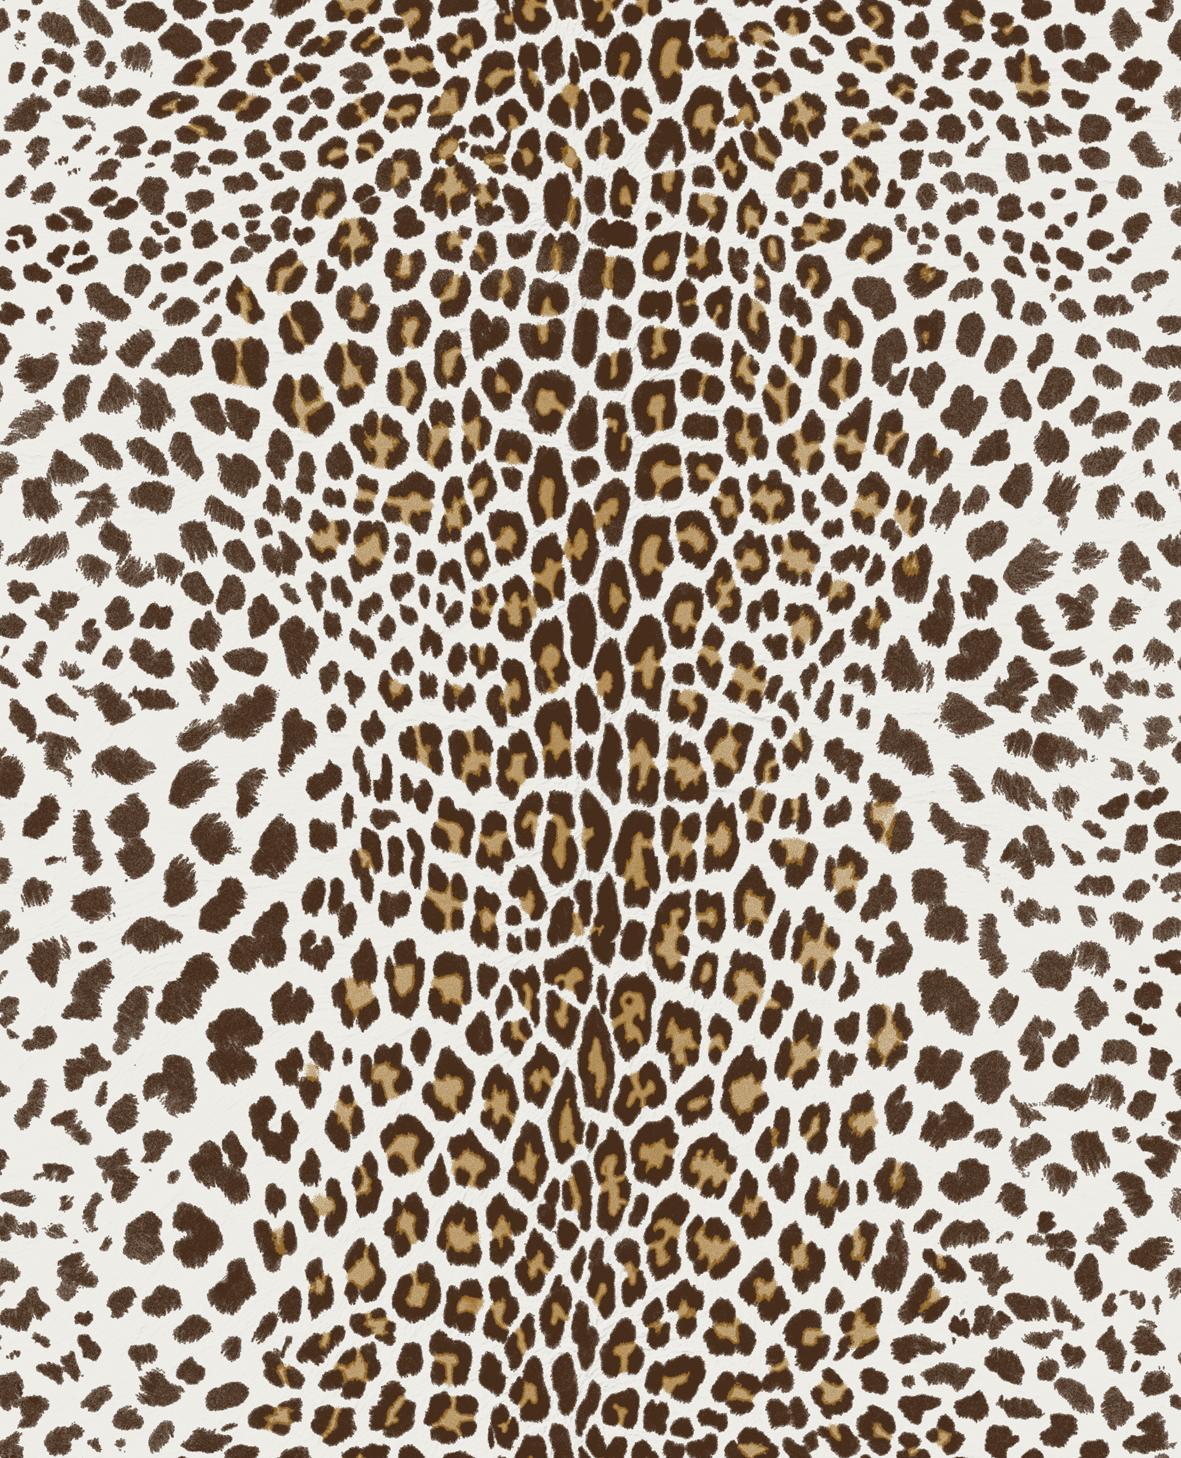 Skin de nieuwe collectie behang van graham brown studio columbo - Graham en bruine behang ...